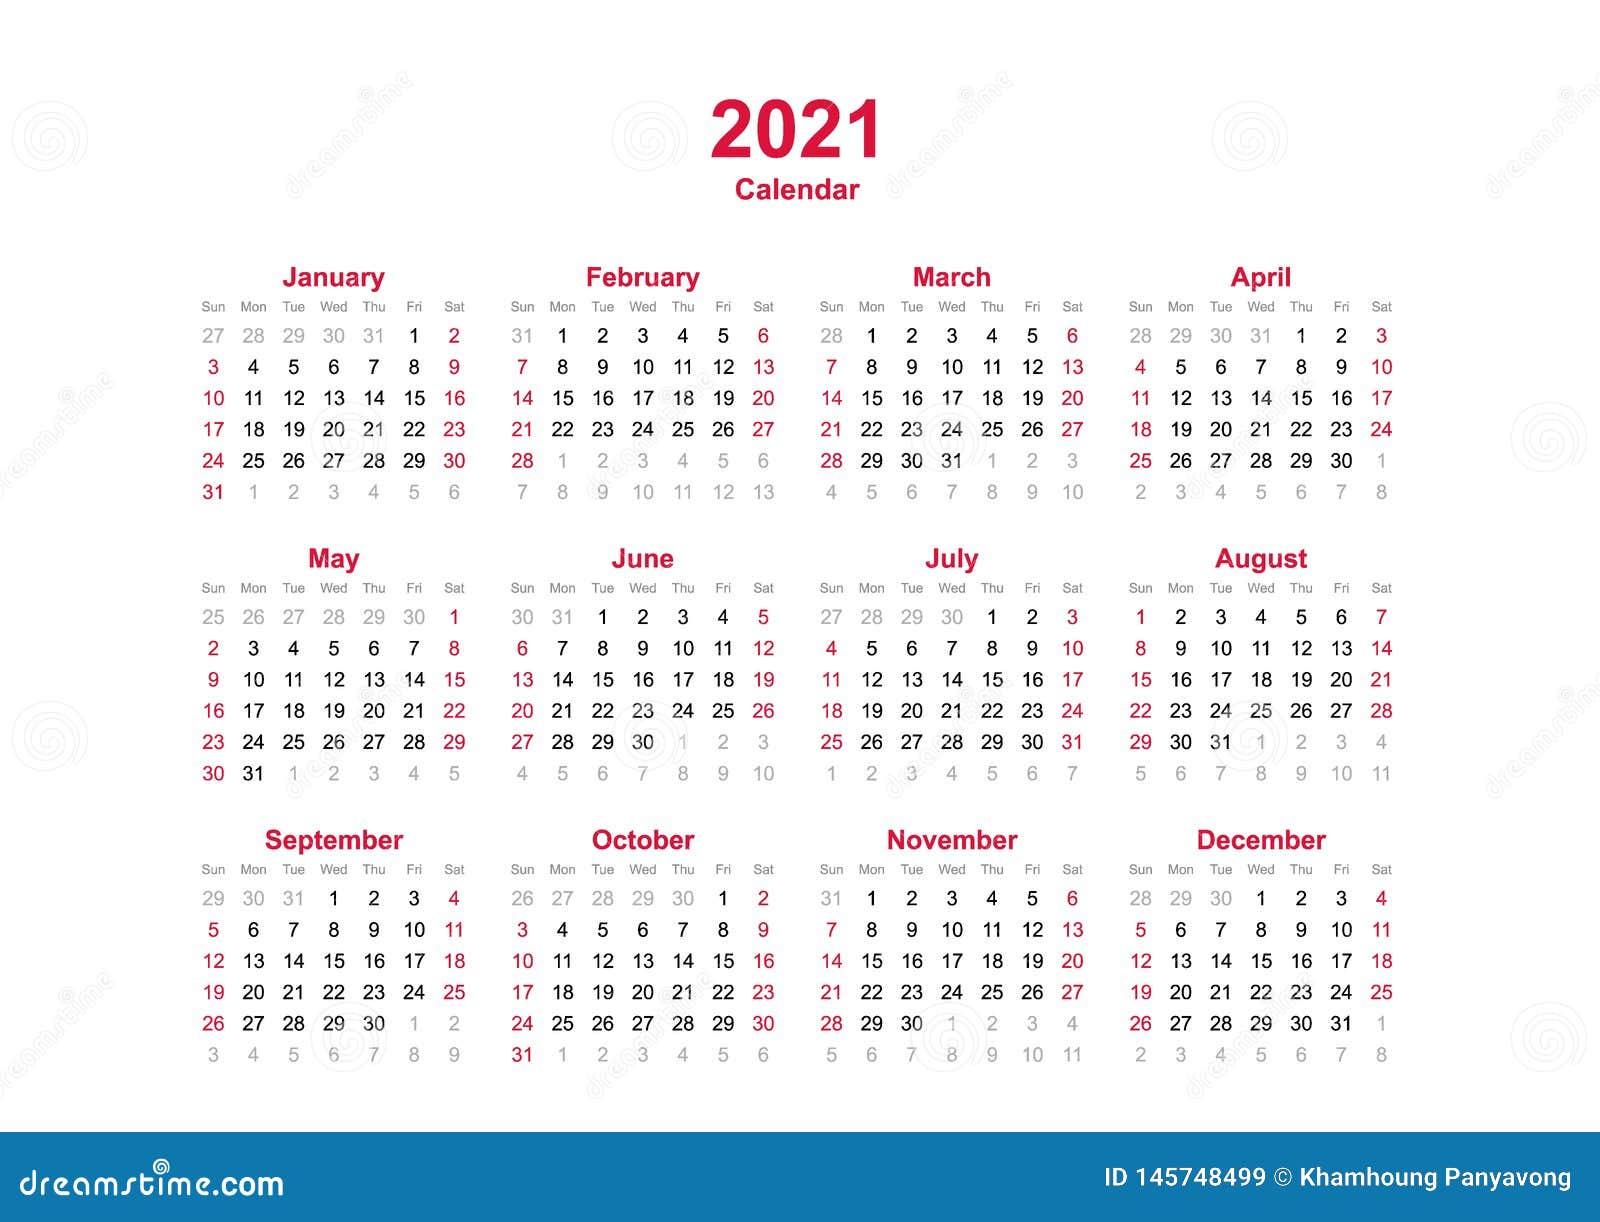 2021 Le Calendrier Annuel   12 Mois De Calendrier Annuel Réglé En